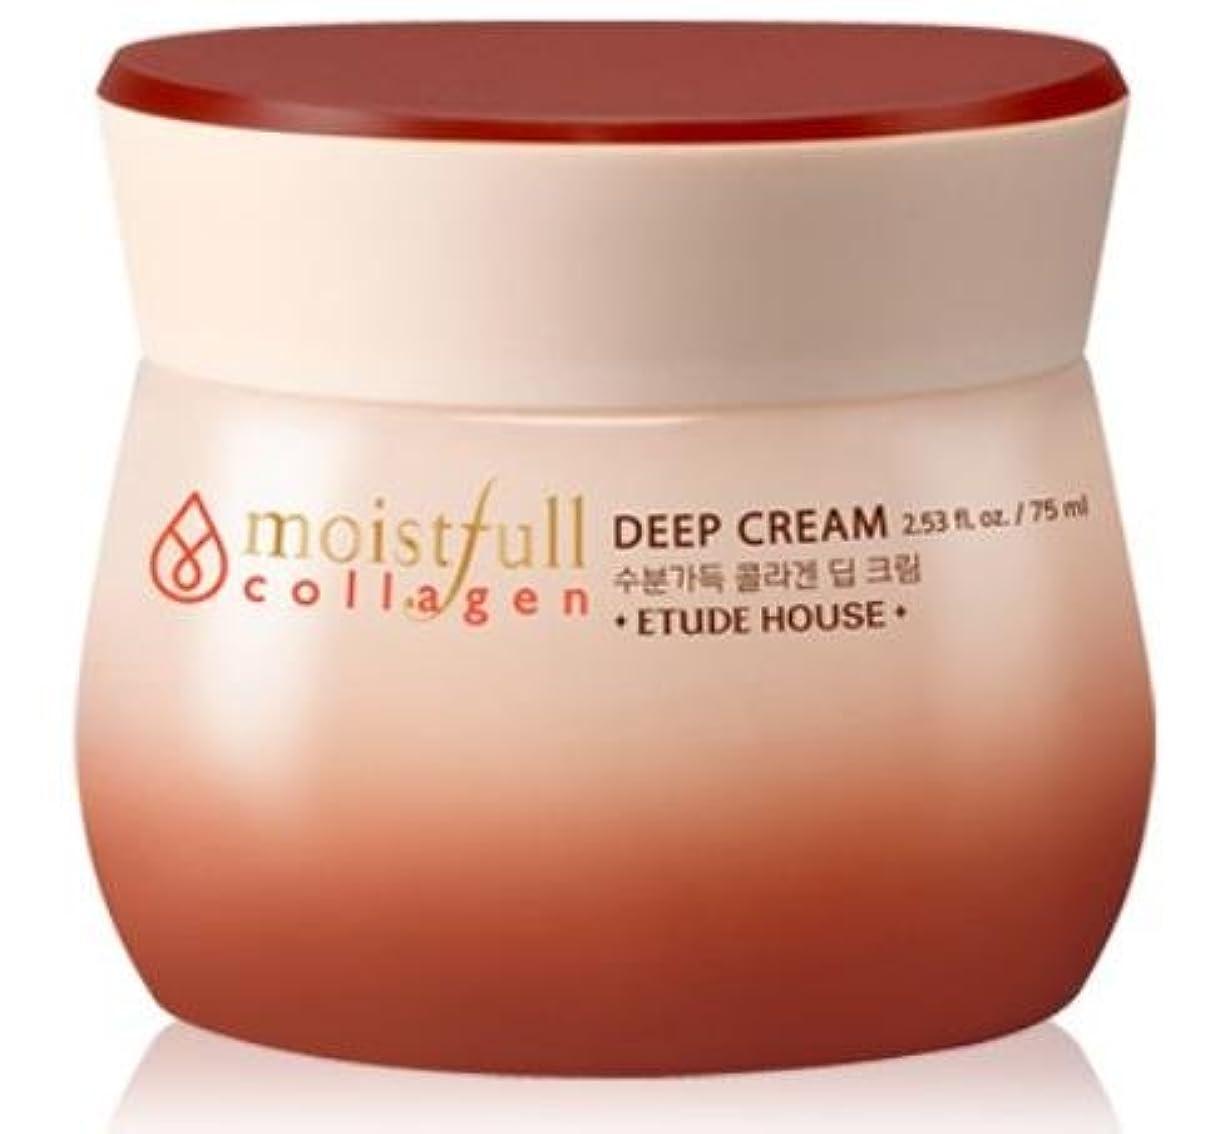 世界的にイヤホンソース[エチュードハウス] ETUDE HOUSE [モイストフルコラーゲ 深いクリーム] (Moistfull Collagen Deep Cream) [並行輸入品]